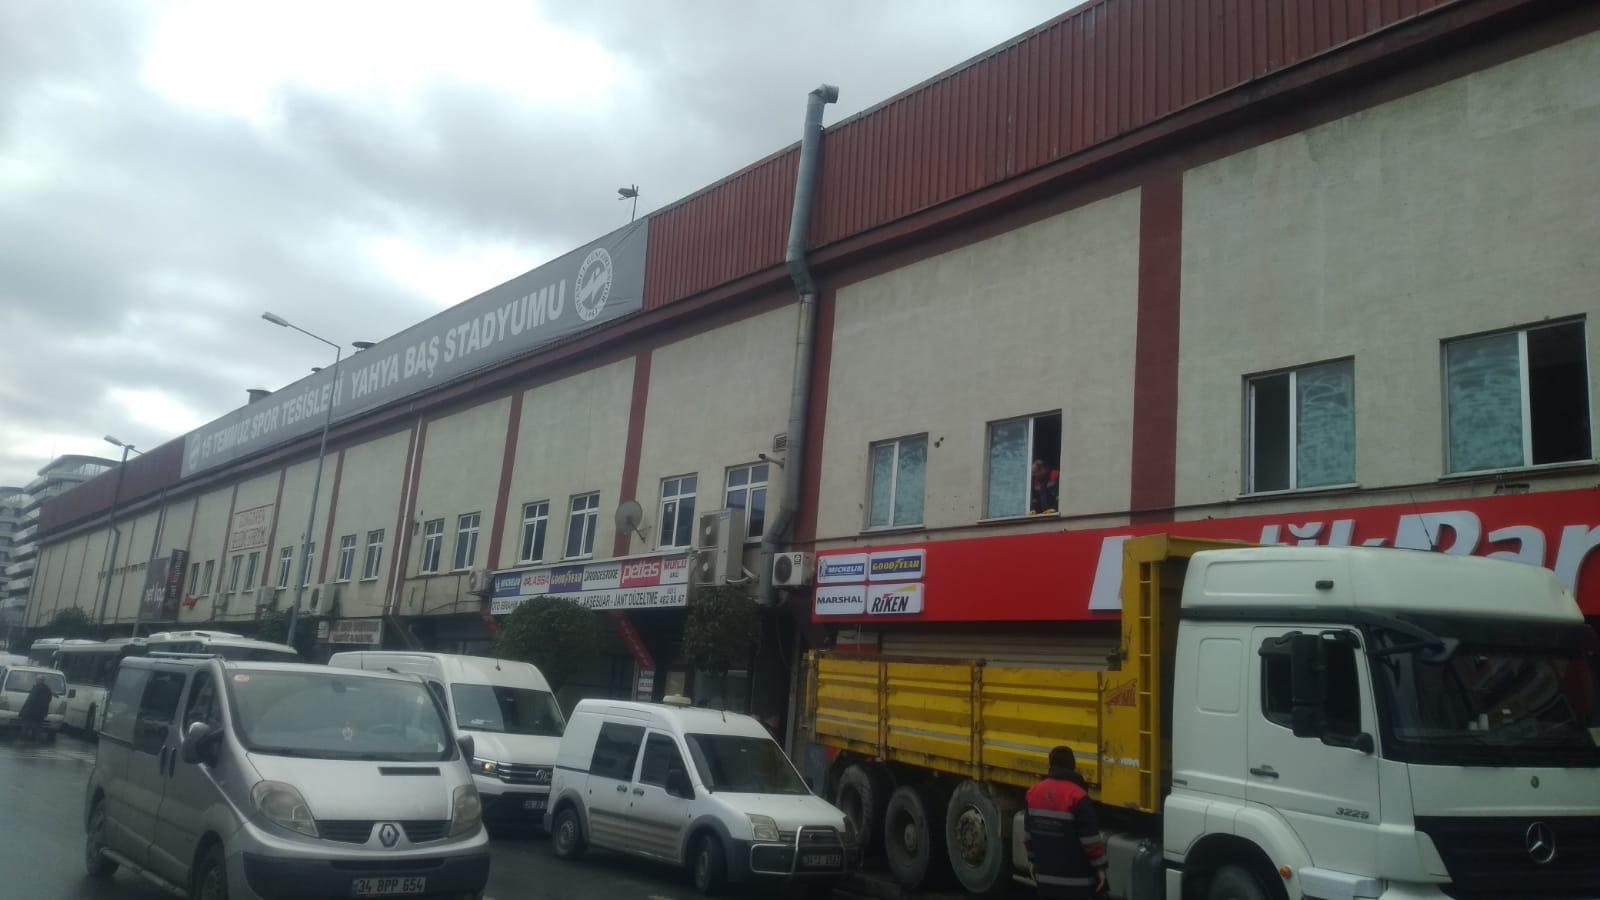 Mimar Yahya baş stadı yıkım ihalesi iptal edildi